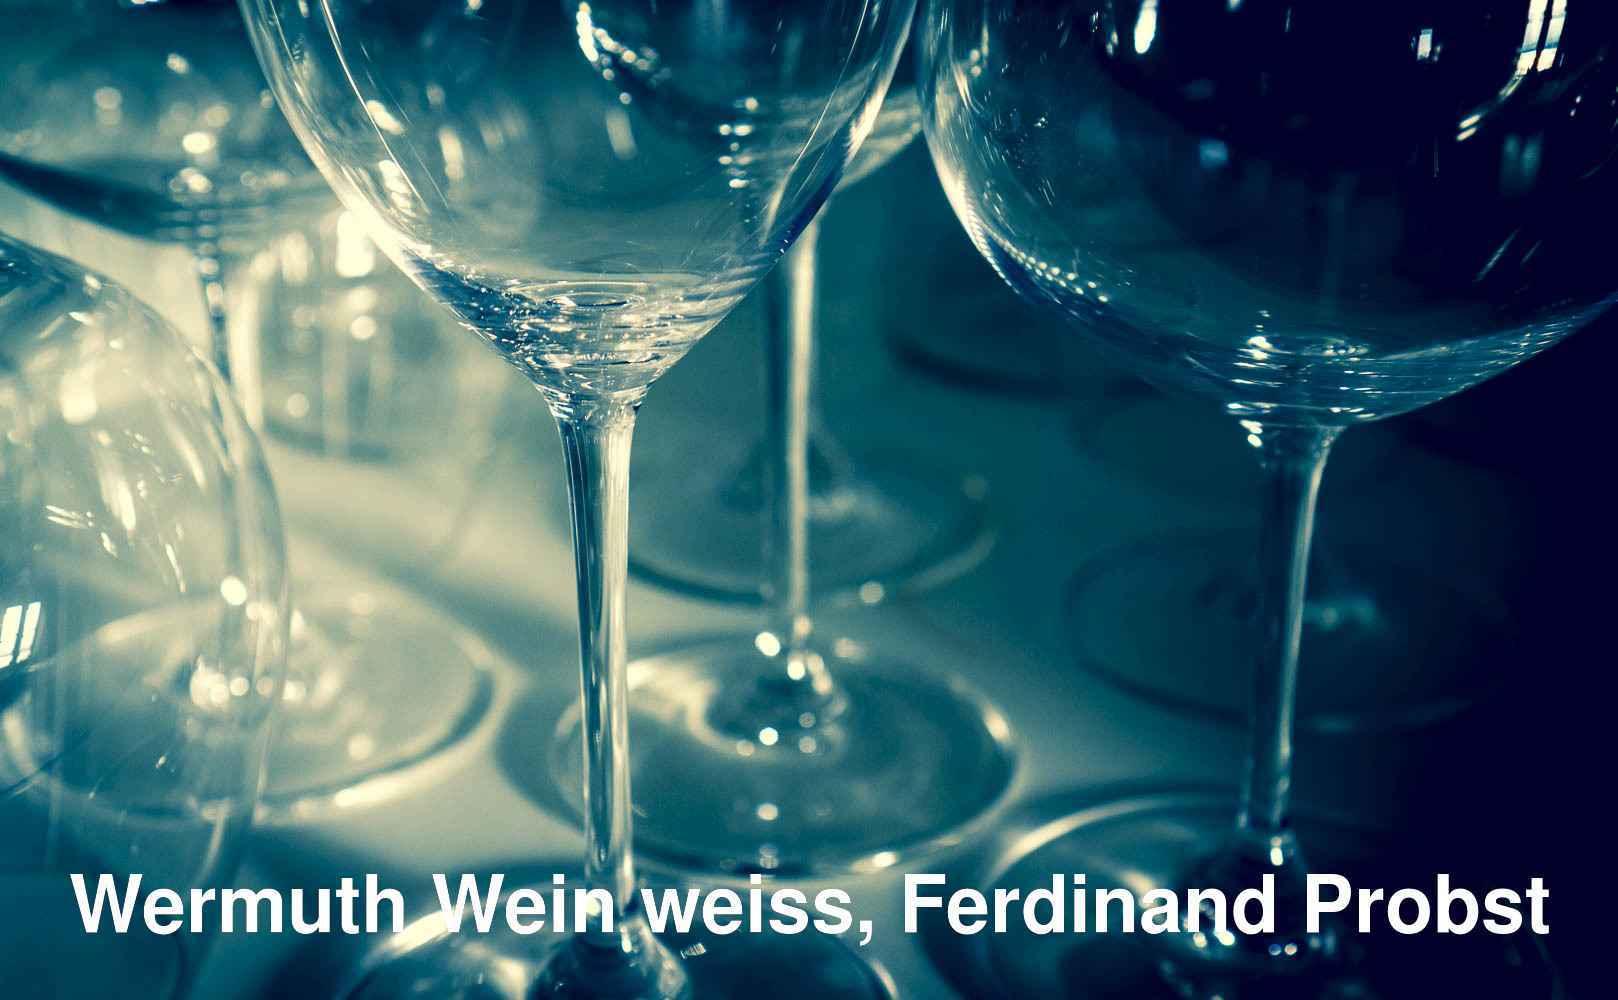 Wermuth Wein weiss, Ferdinand Probst von Schwarzer Brennerei aus Lienz, Österreich